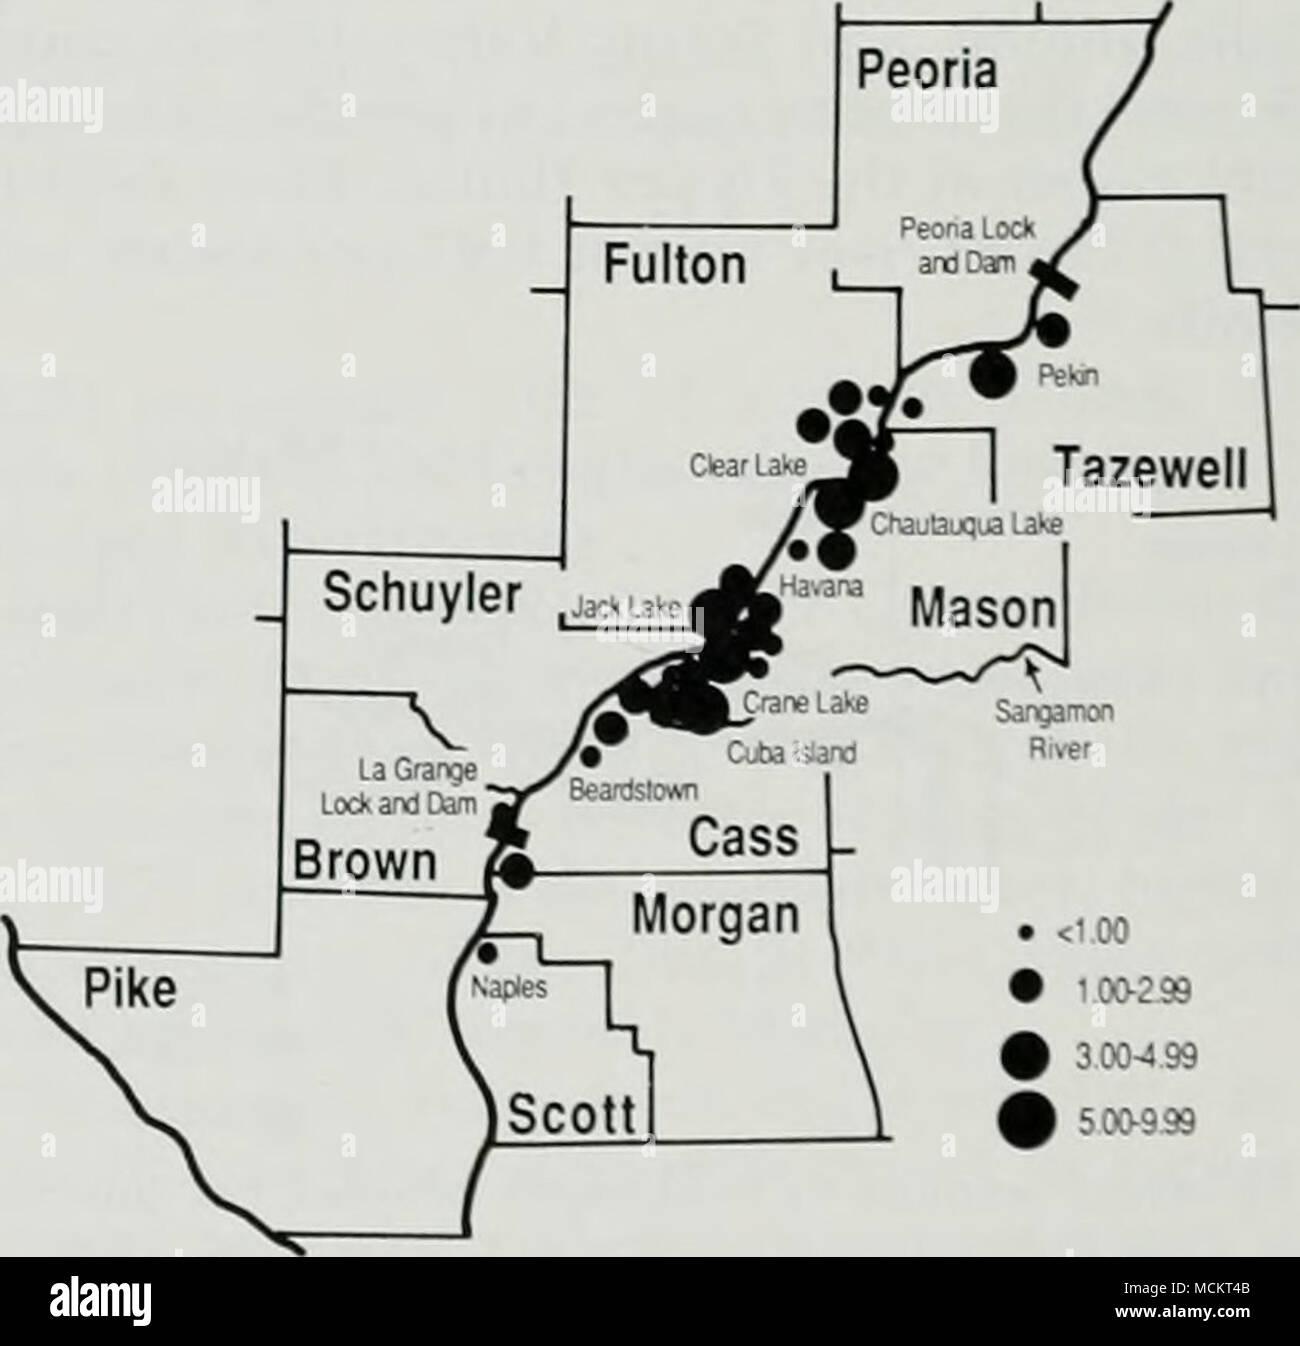 """. Fig. 24.-nombre moyen ol b.iUl eagles i est uilliiii,recensement llie Illinois inférieur à 299 % Ri"""" • innied inenior-99 3,00-4,60 par une er Région. 1972-1986. Fig. 22.-Fastern Senacliw sh, en'ine L.tk La densité estimée de pygargues à tête blanche dans la région de la rivière de l'Illinois inférieur ( en moyenne).5.i par mile river ou 0.49 par squaie mile d'habitats humides. La densité moyenne par scjuare m des zones humides (0,49) dans cette région a été slighth plus élevé que la valeur lor la ('entrale et l'pj)ei rivière Illinois régions (0,47) et highei tlian a également les valeurs pour l'ensemble de la rivière Mississippi Banque D'Images"""